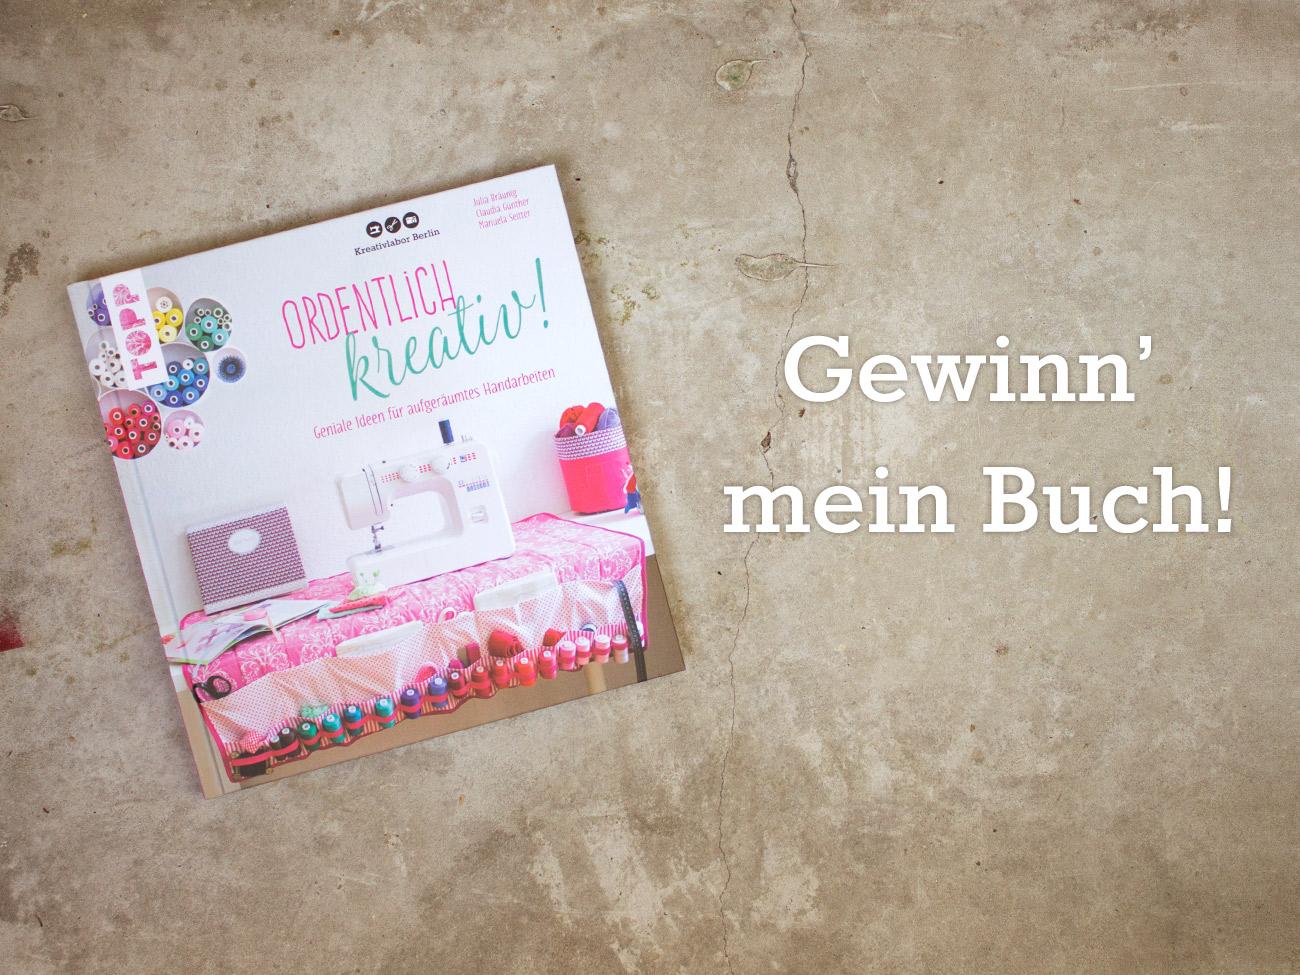 """Gewinn' mein Buch """"Ordentlich kreativ!"""""""